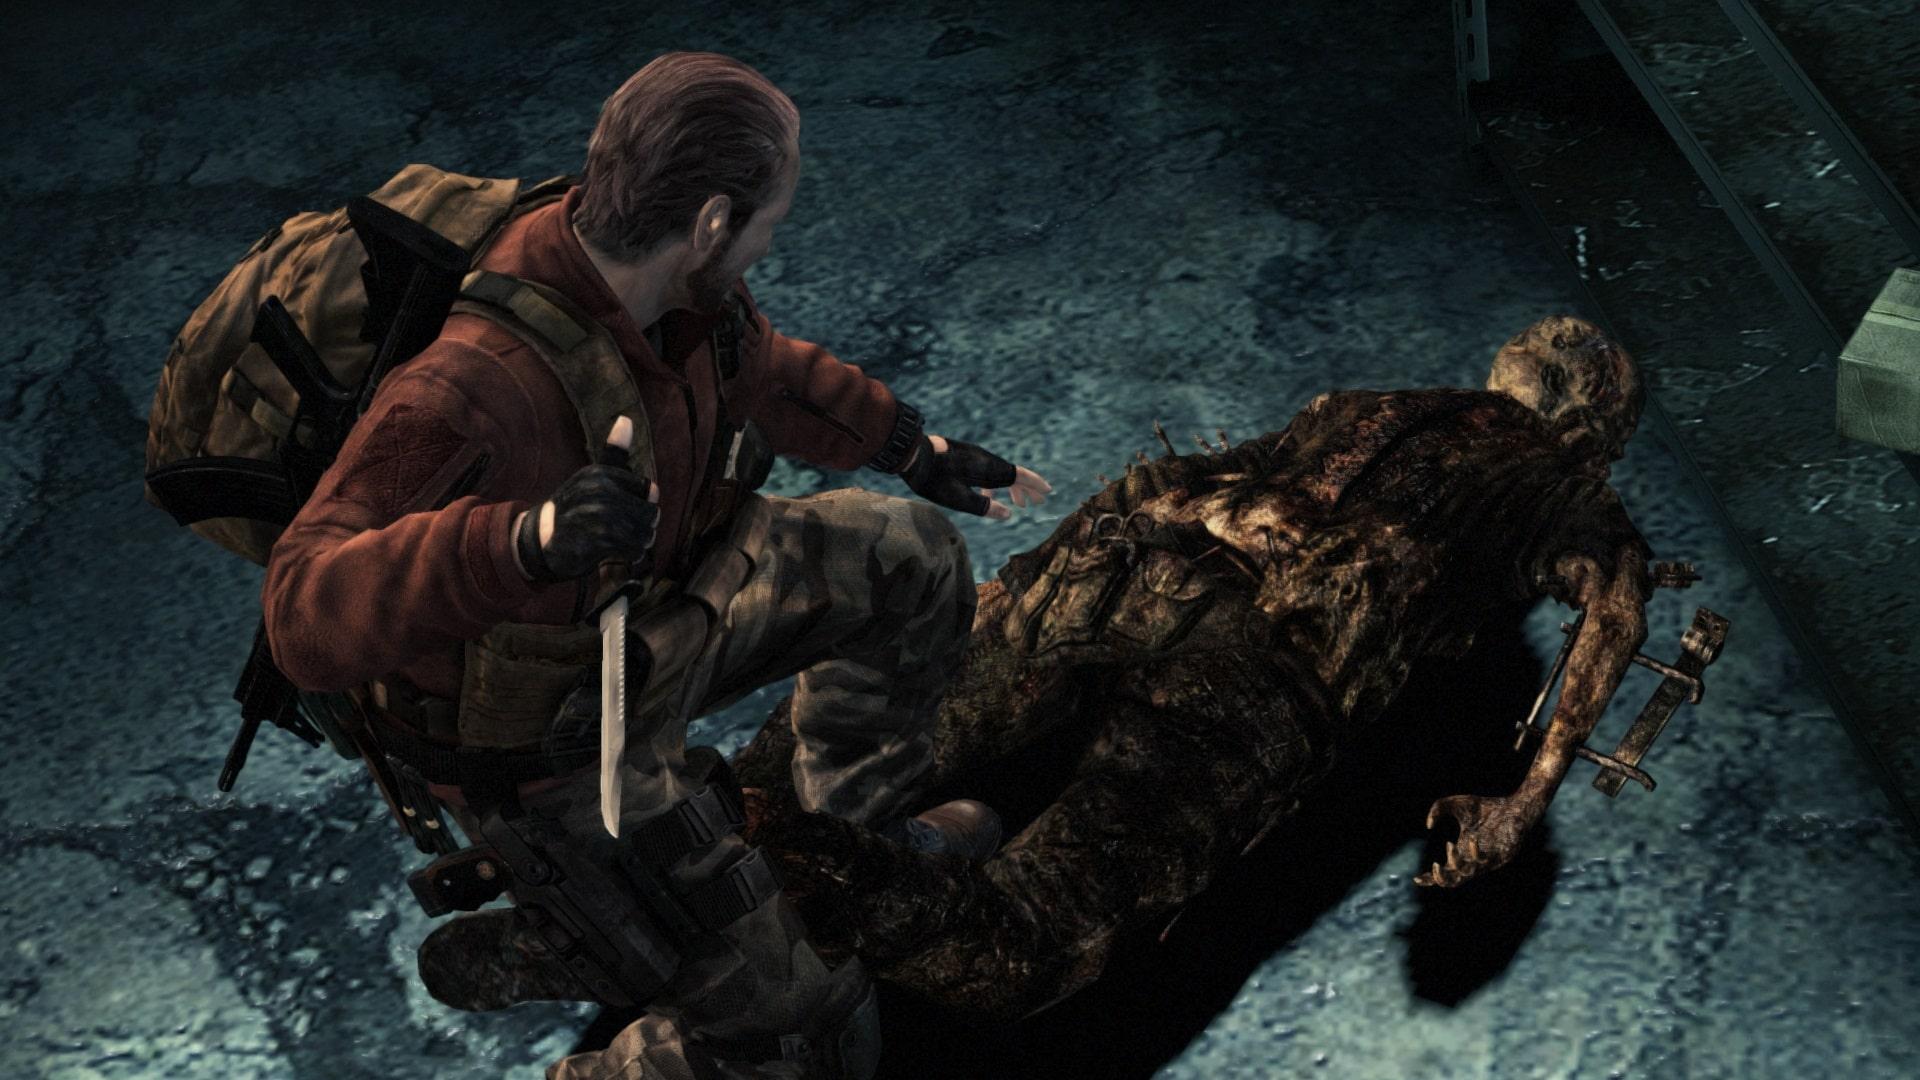 Test : Resident Evil : Revelations 2 - Episode 1 5